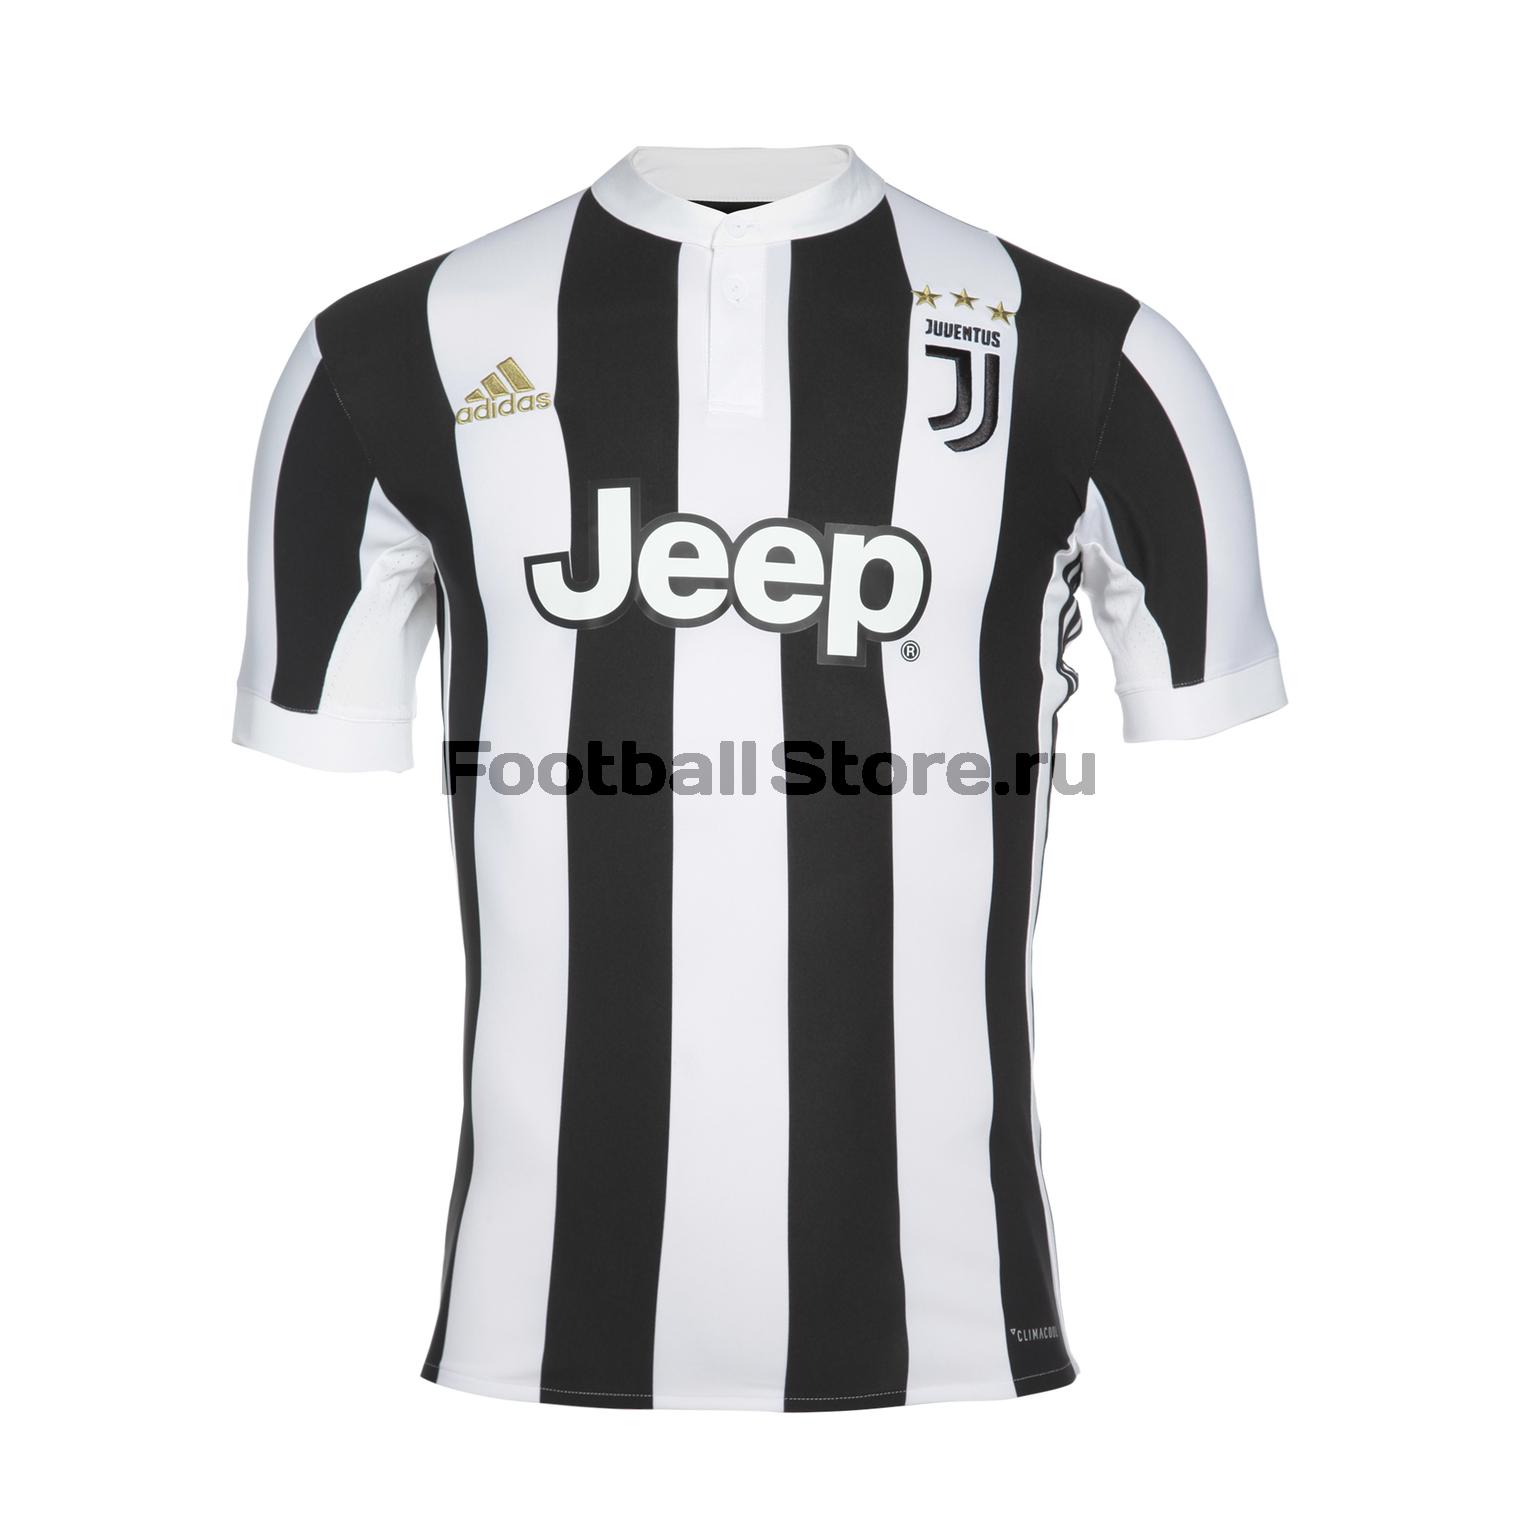 Футболка домашняя игровая Adidas Juventus 2017/18 рюкзак adidas juventus 2018 19